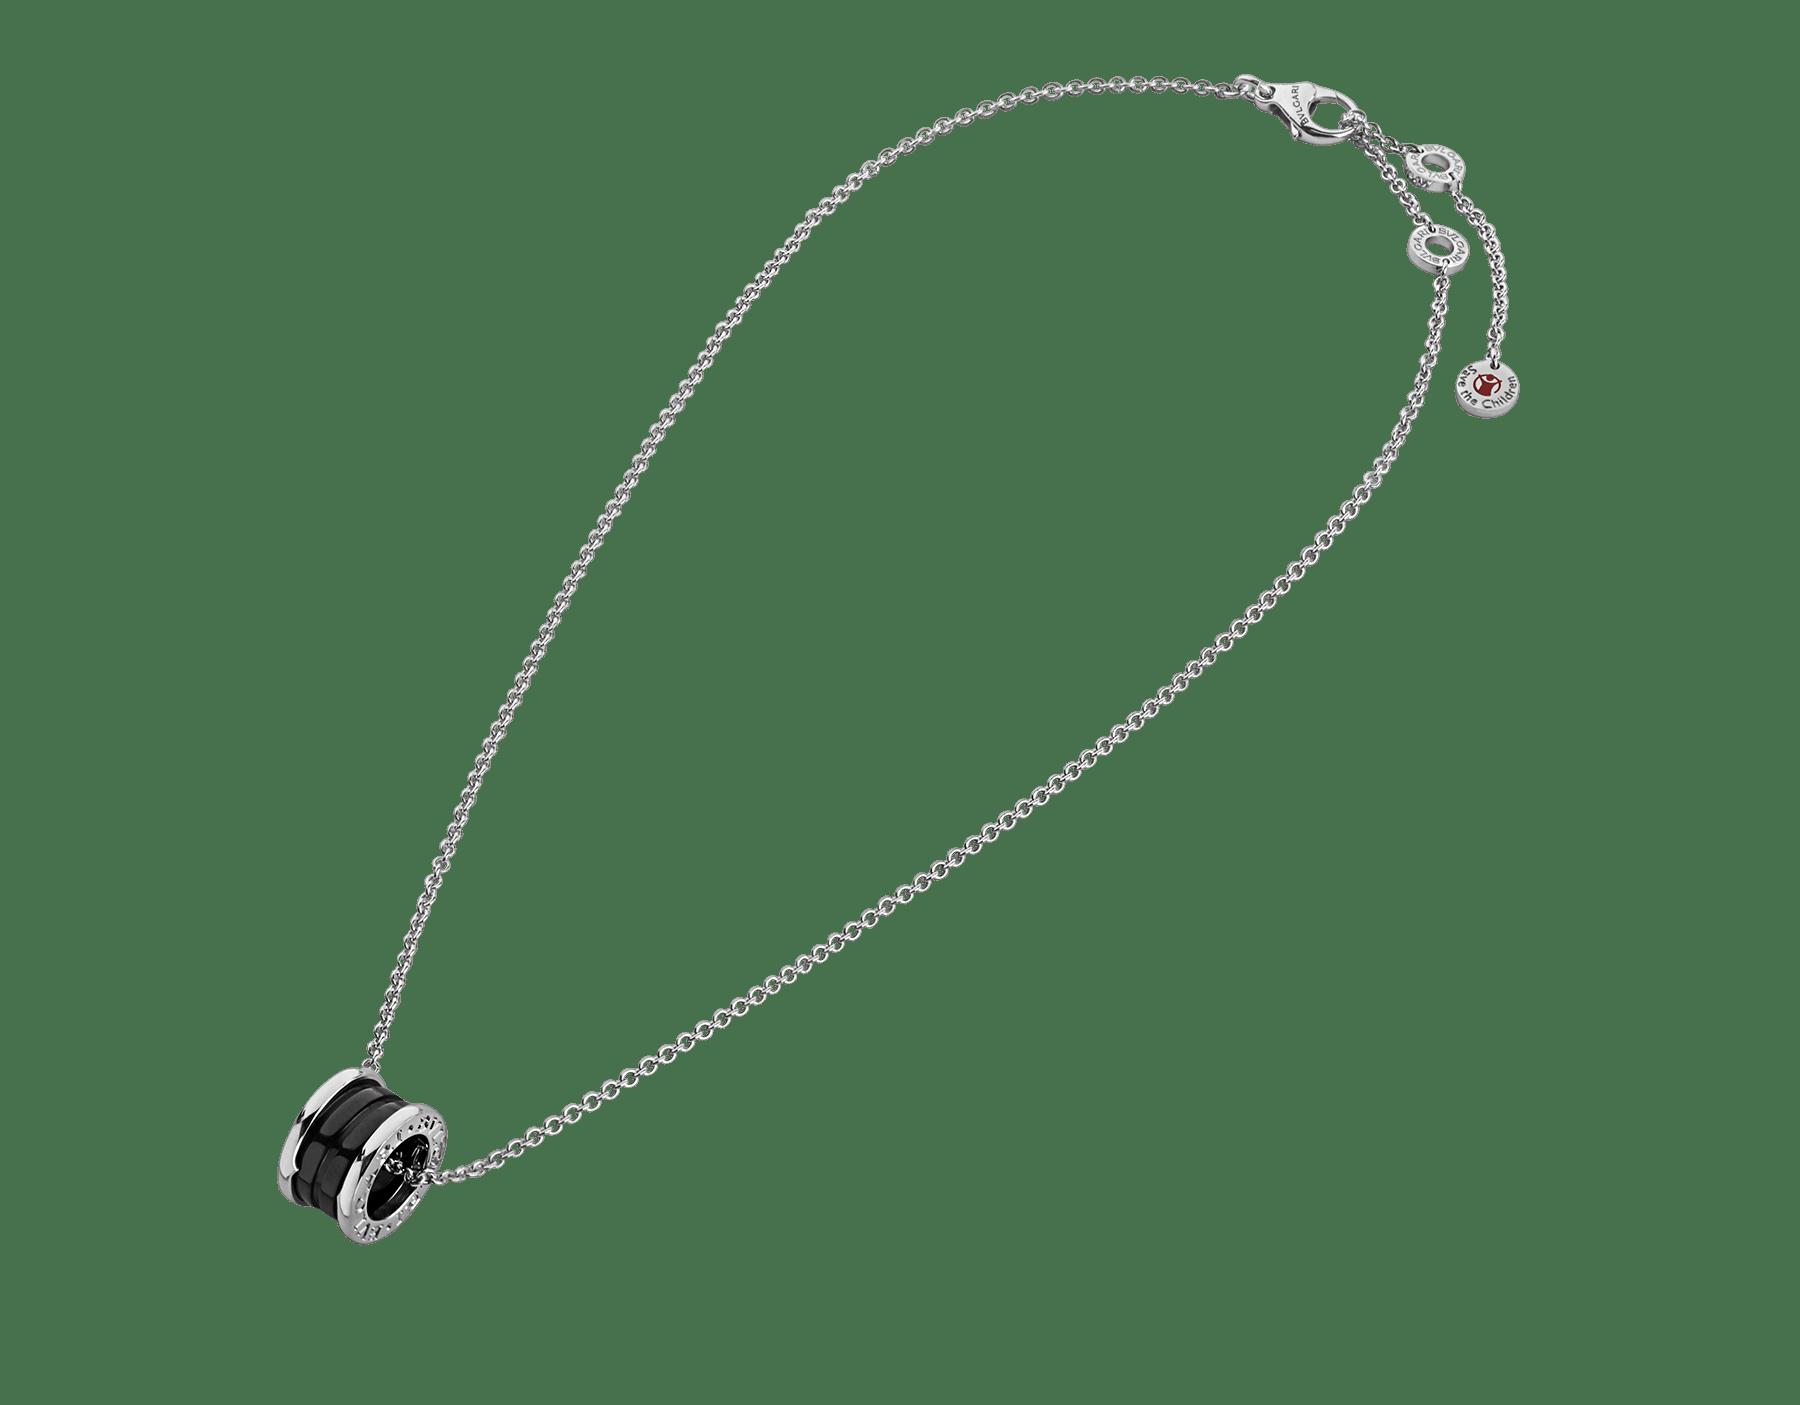 セーブ・ザ・チルドレン ネックレス。 ブラックセラミックをあしらったスターリングシルバー製ペンダントトップ(直径1.5cm、厚み1cm)およびスターリングシルバー製チェーン(38-45cm)。 349634 image 2